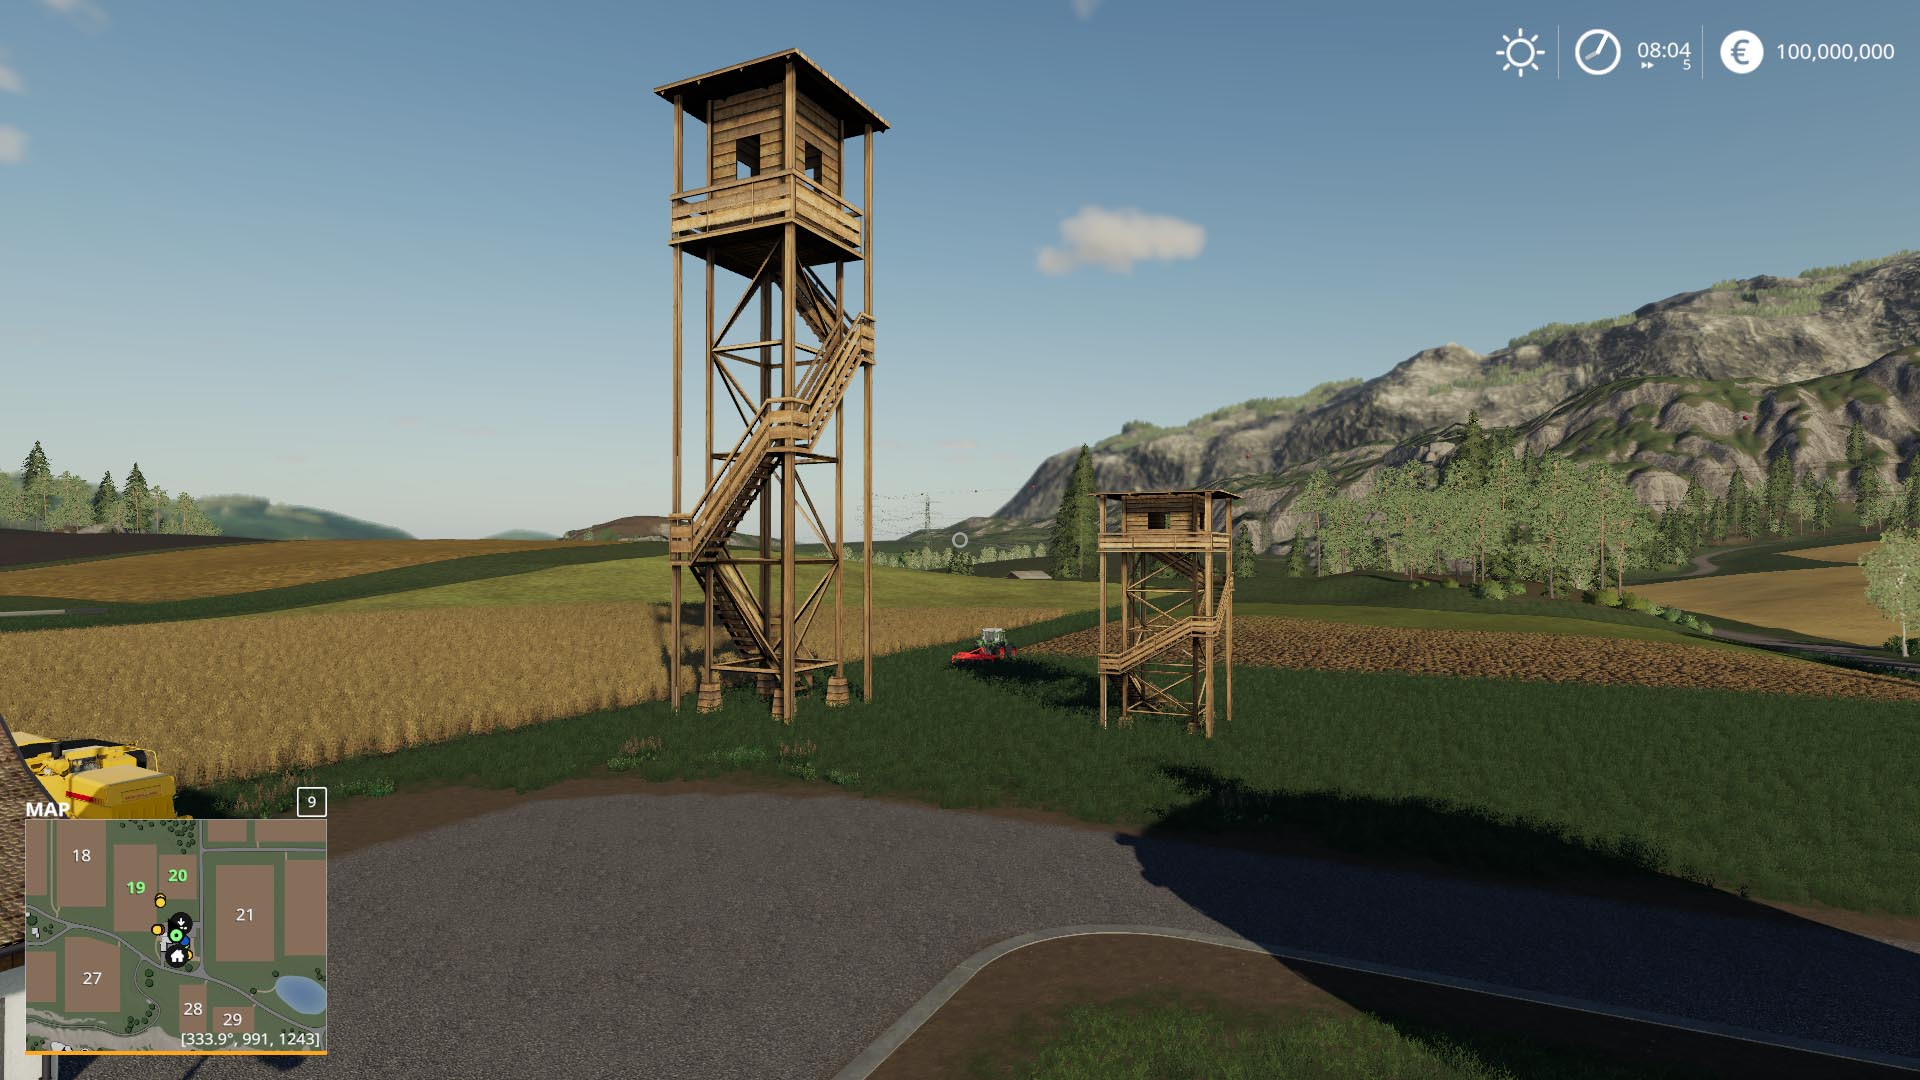 Feuerwachturm v 1.0